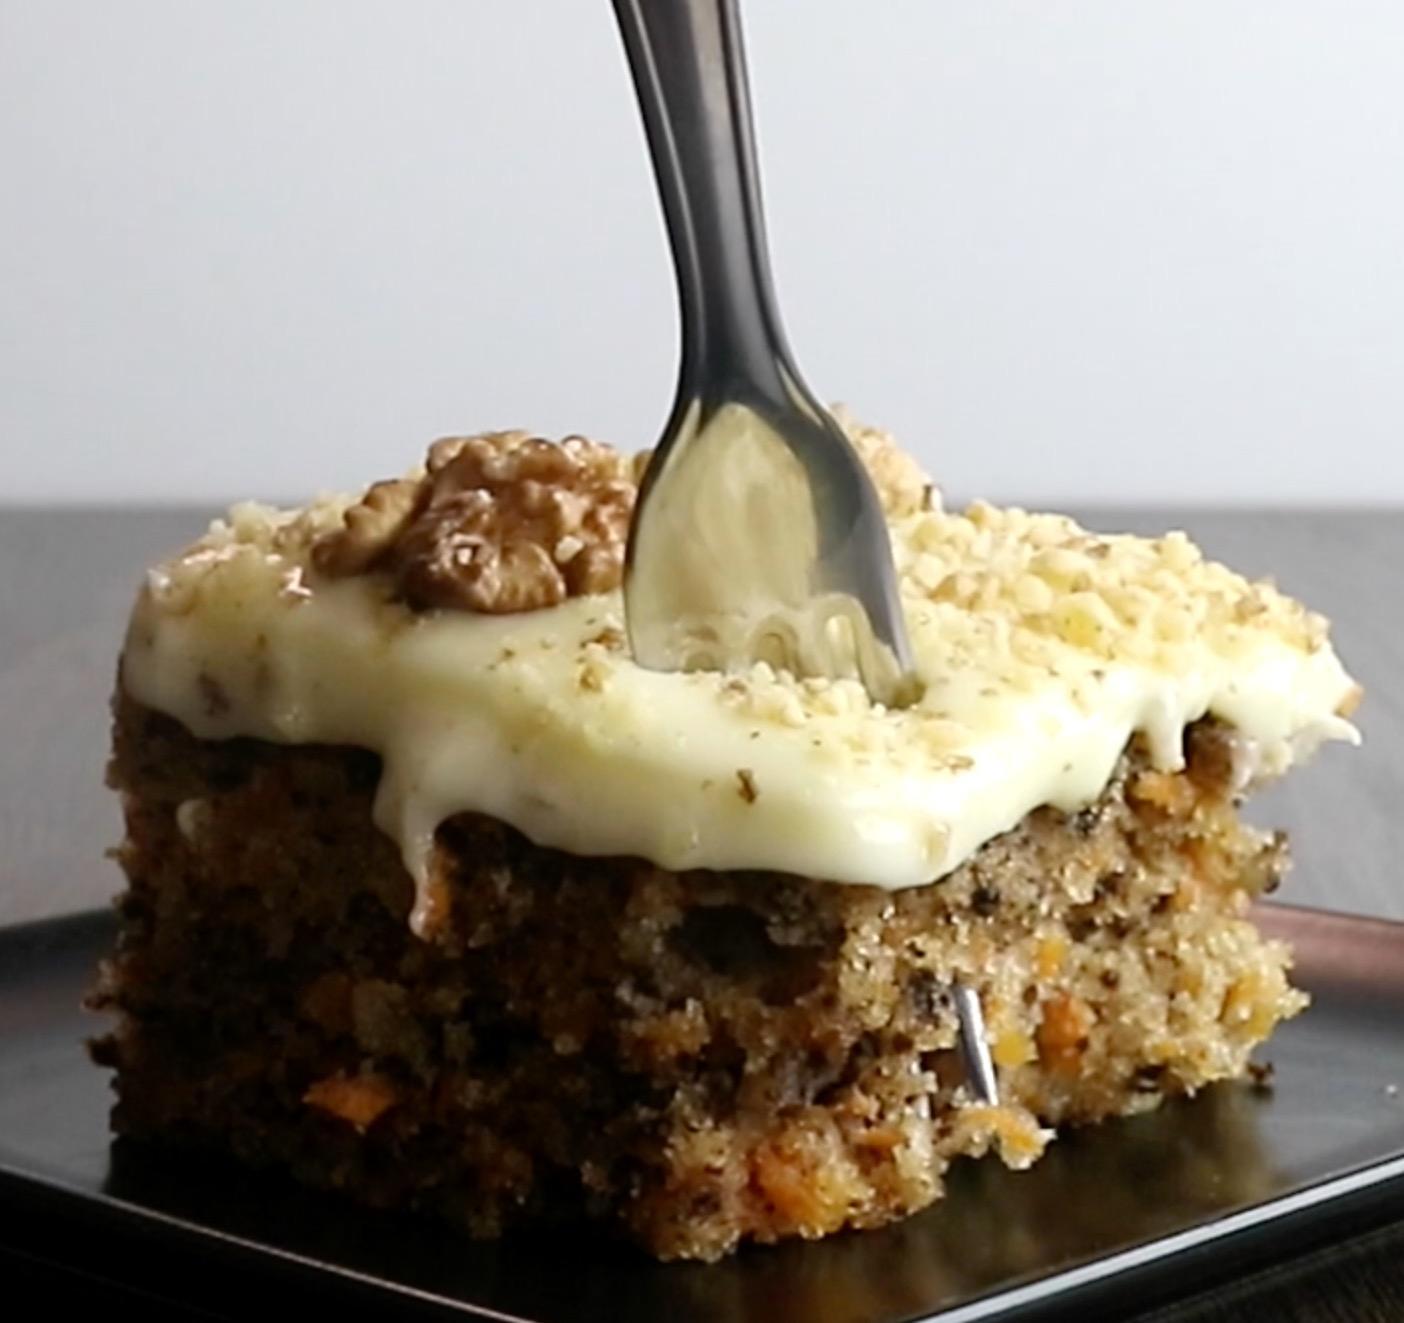 Karottenkuchen mit Walnüssen und Zuckerguss wirklich schmackhaft